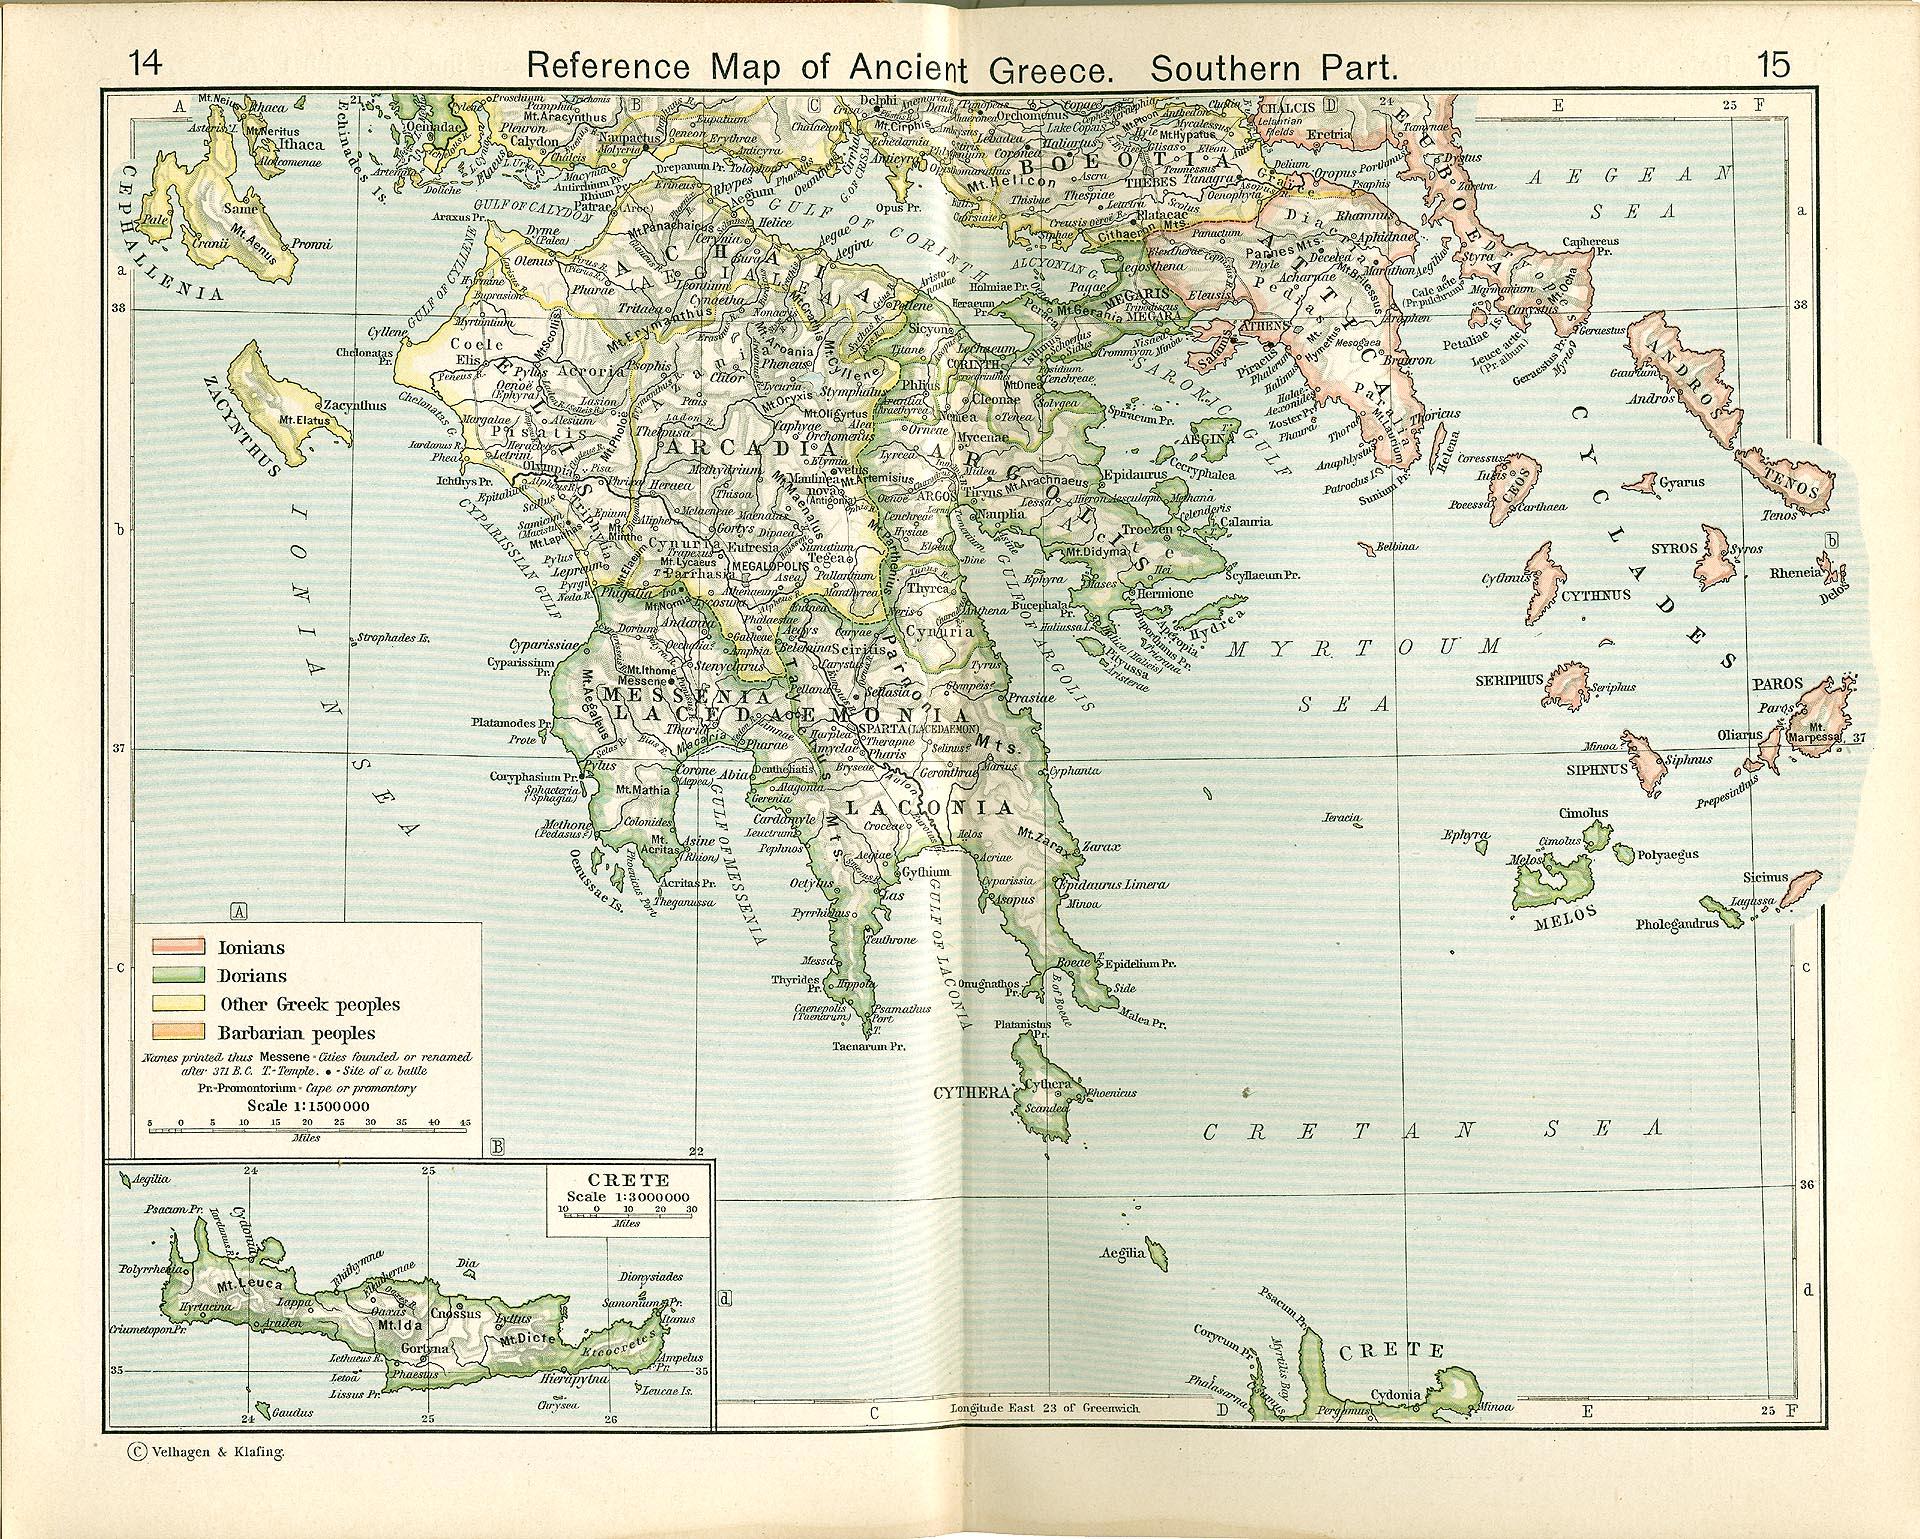 Mapa de Referencia de la Grecia Antigua, Parte Meridional